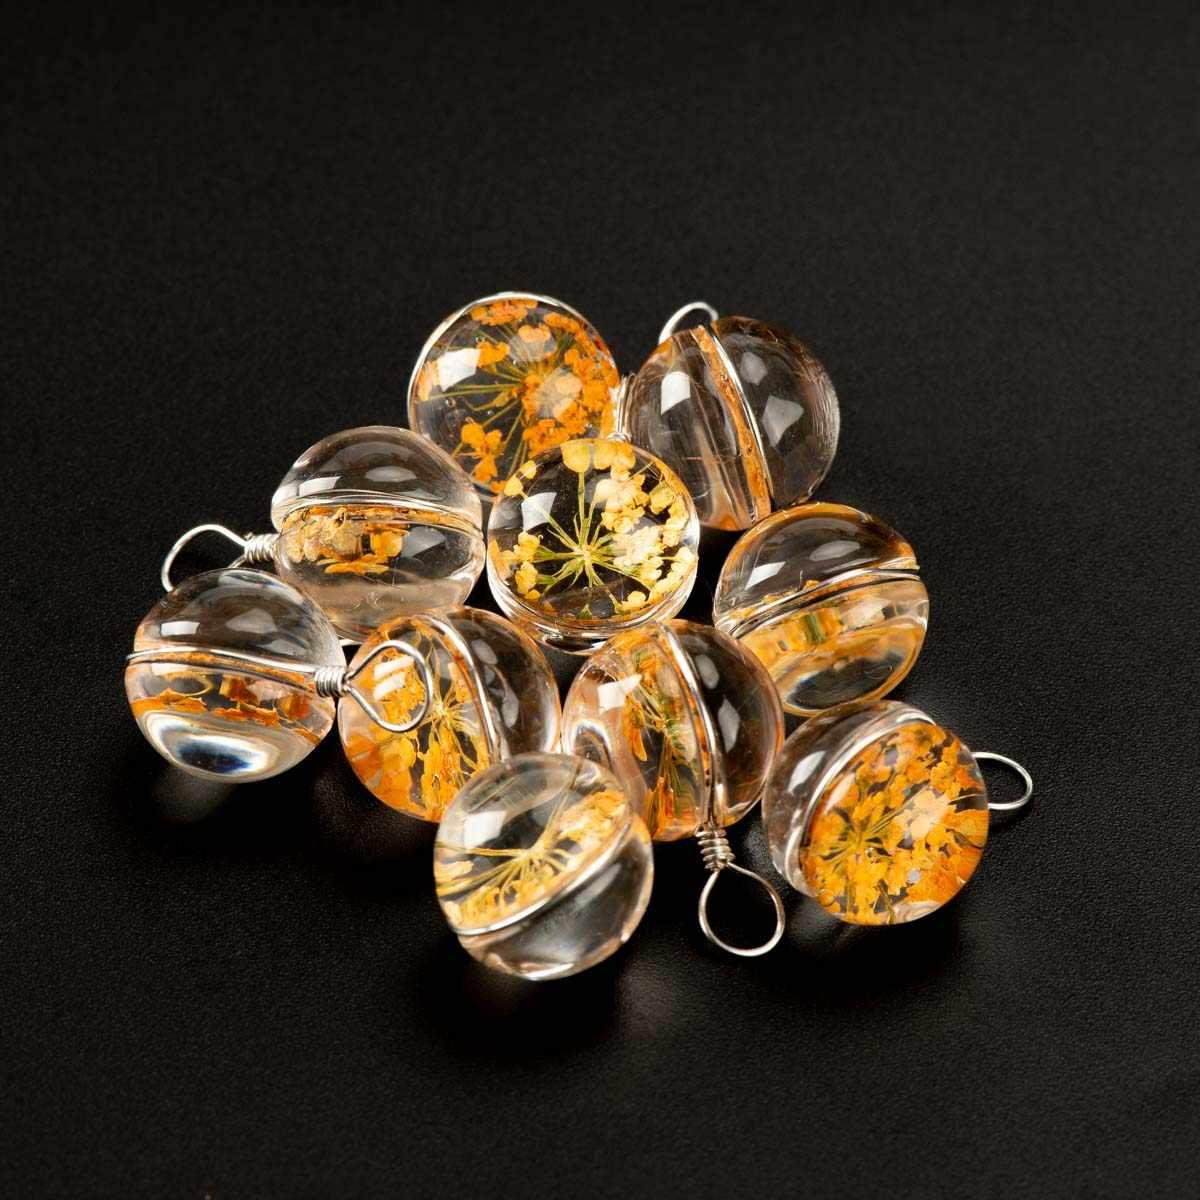 12 # Filo di Ferro Naturale Fiore Secco con Il Non di Vetro Fai da Te Perline Pietra Naturale Braccialetto Choker Monili Che Fanno Perline # IZ131